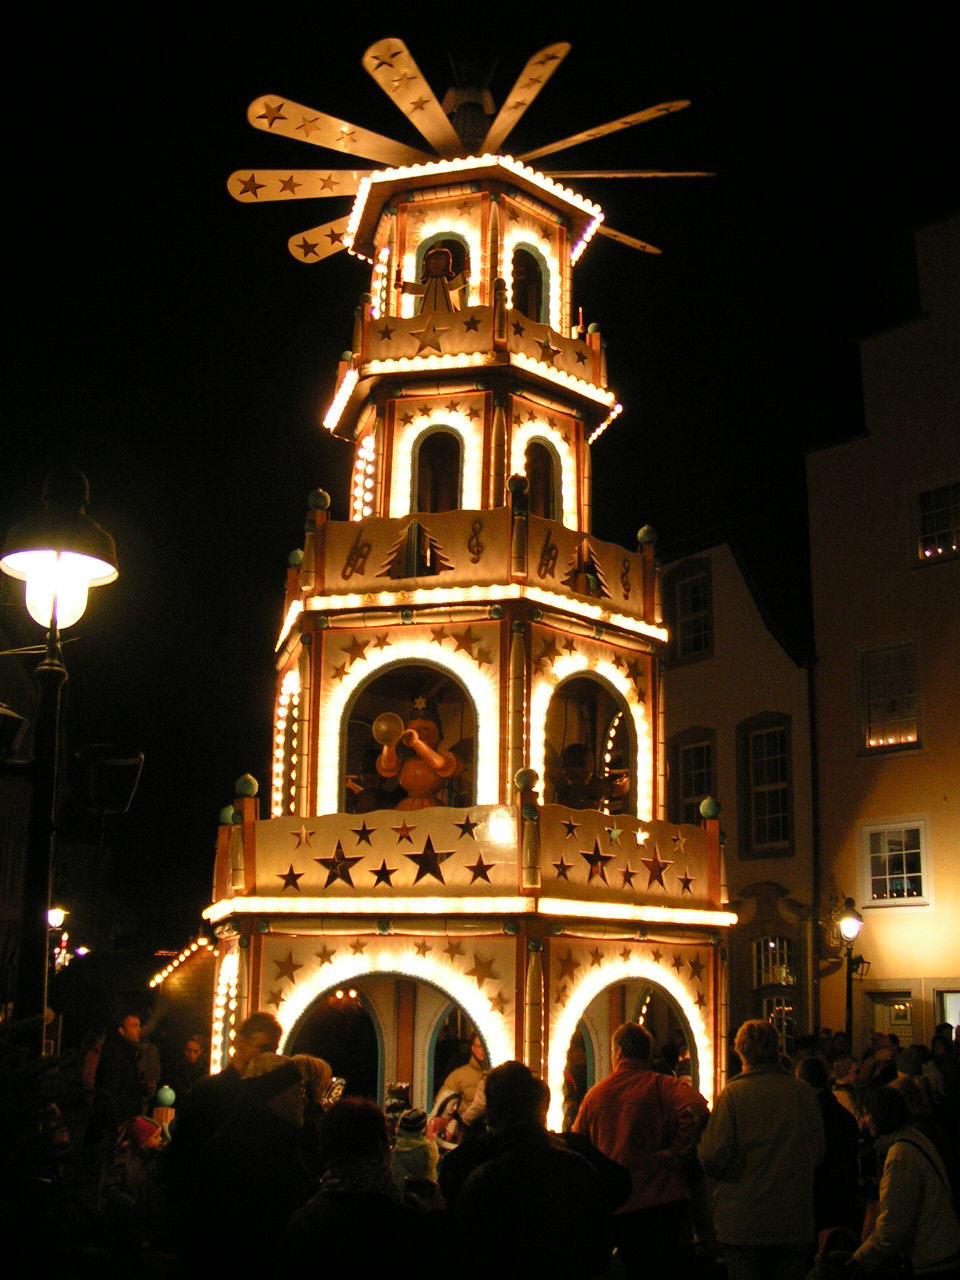 Weihnachtsmarkt Osnabrück.File Osnabrück Weihnachtsmarkt 2 Jpg Wikimedia Commons